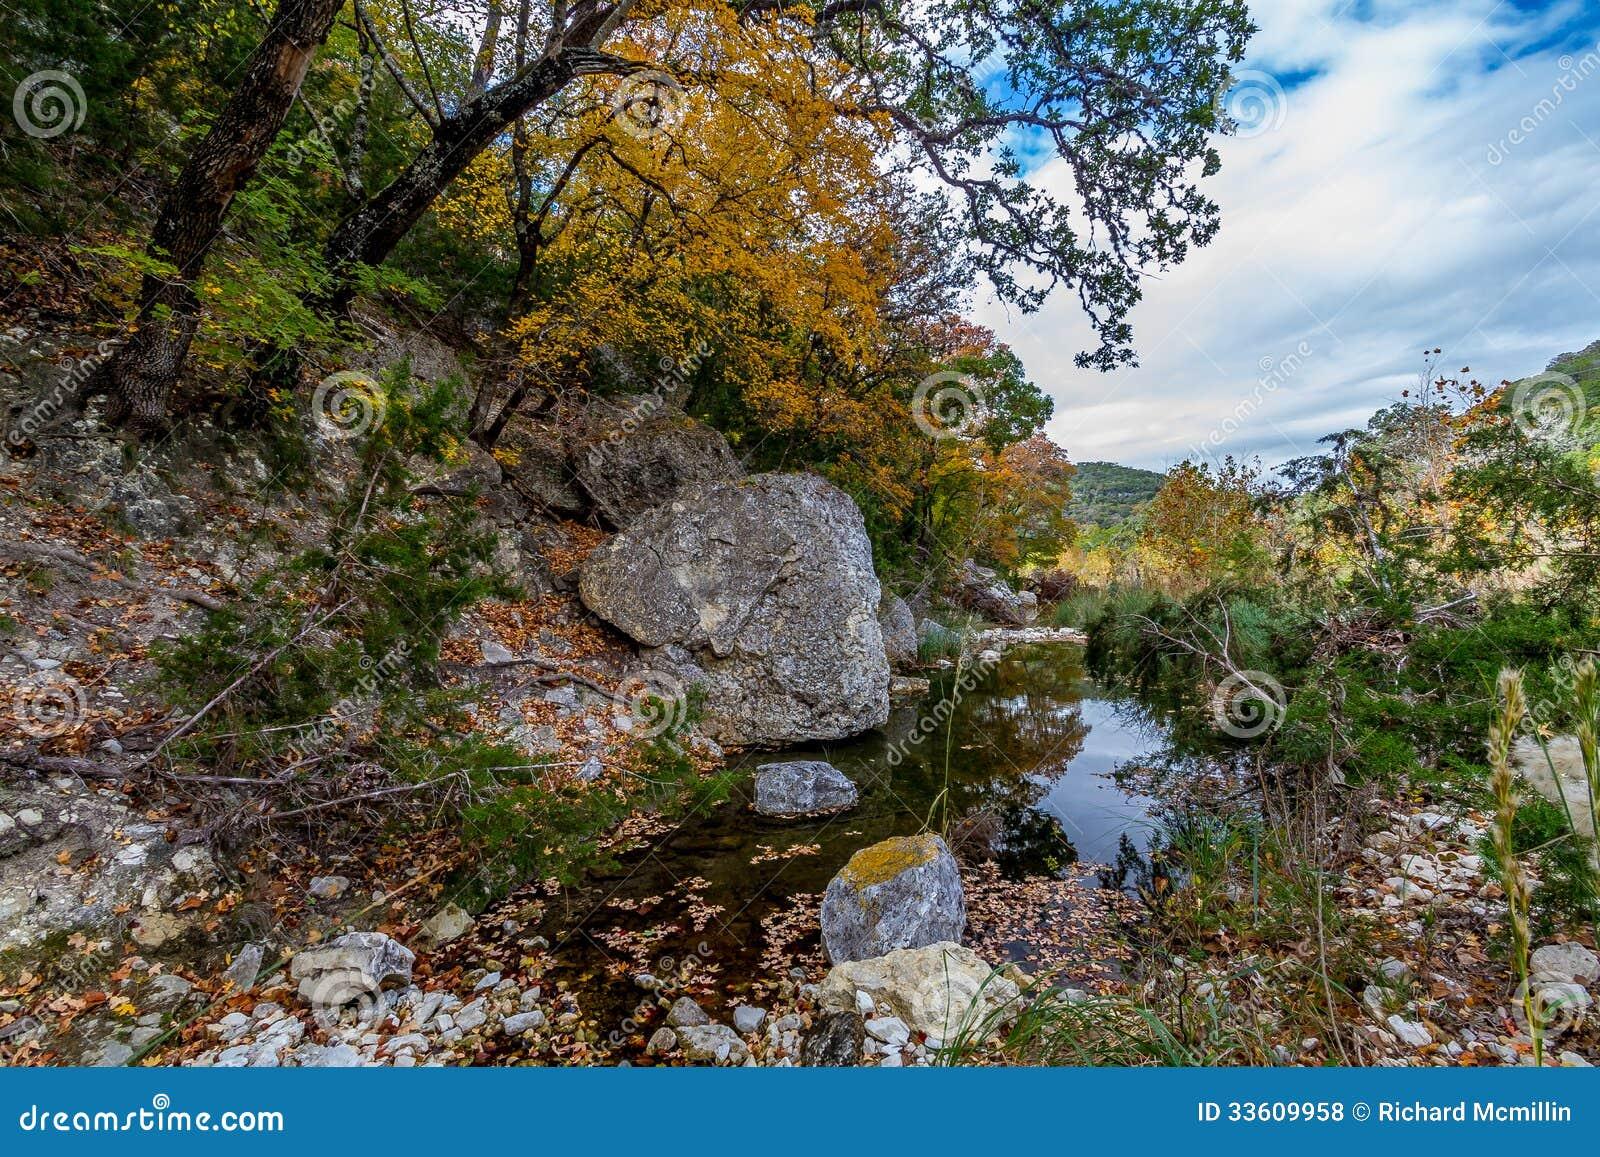 Μια γραφική σκηνή με το όμορφο φύλλωμα πτώσης σε ένα ήρεμο Babbling ρυάκι στο χαμένο κρατικό πάρκο σφενδάμνων στο Τέξας.